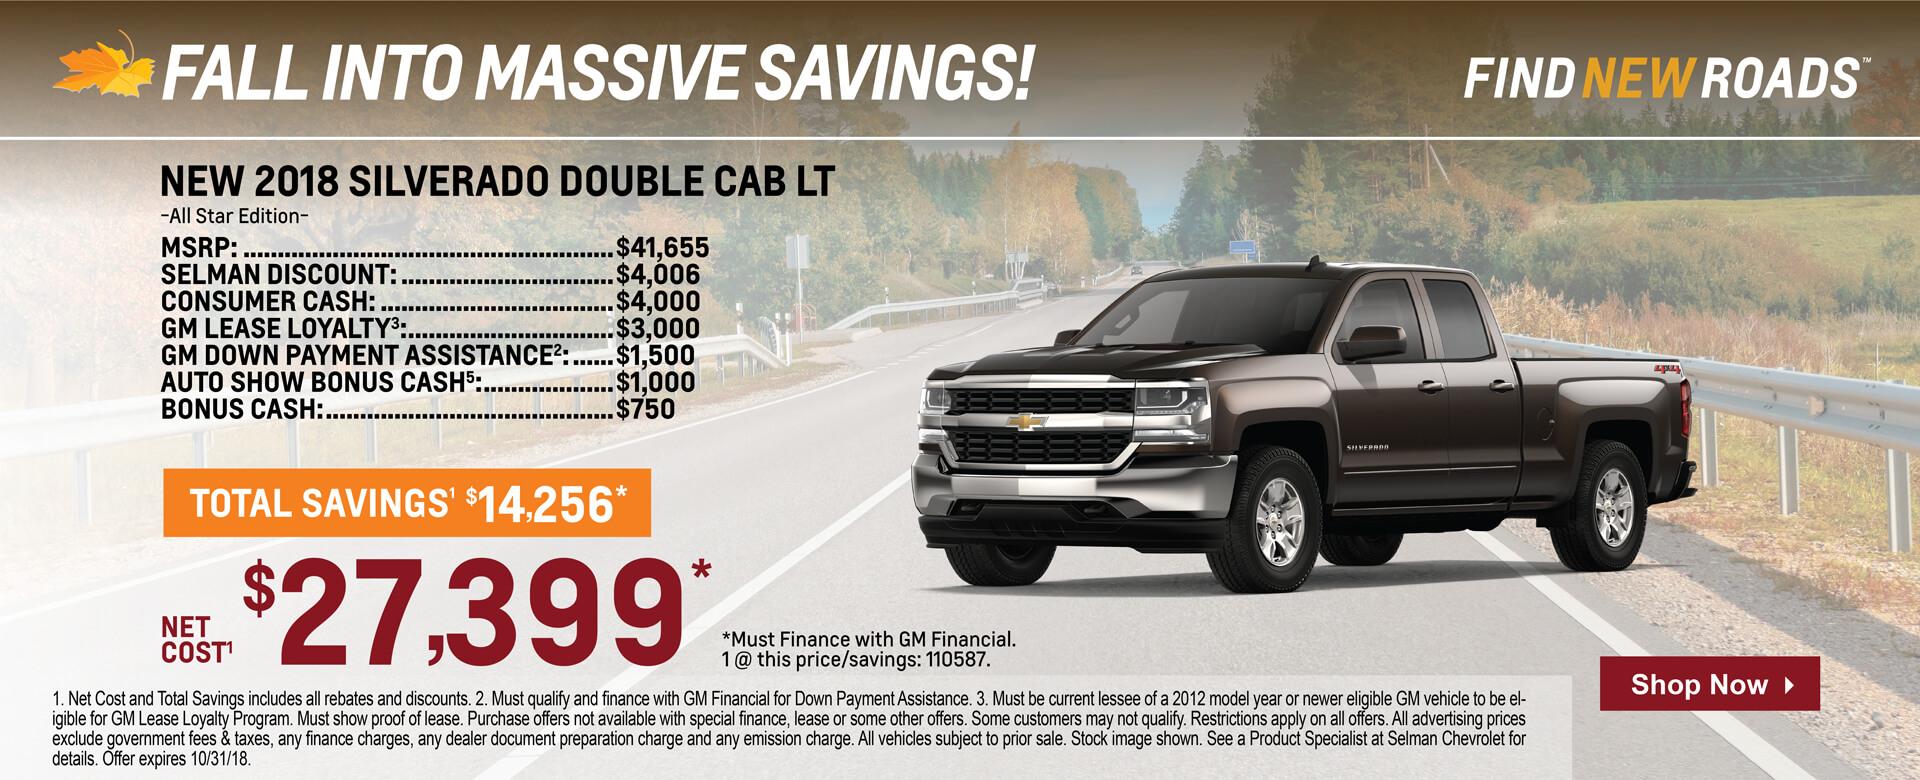 Silverado Double Cab $23,799